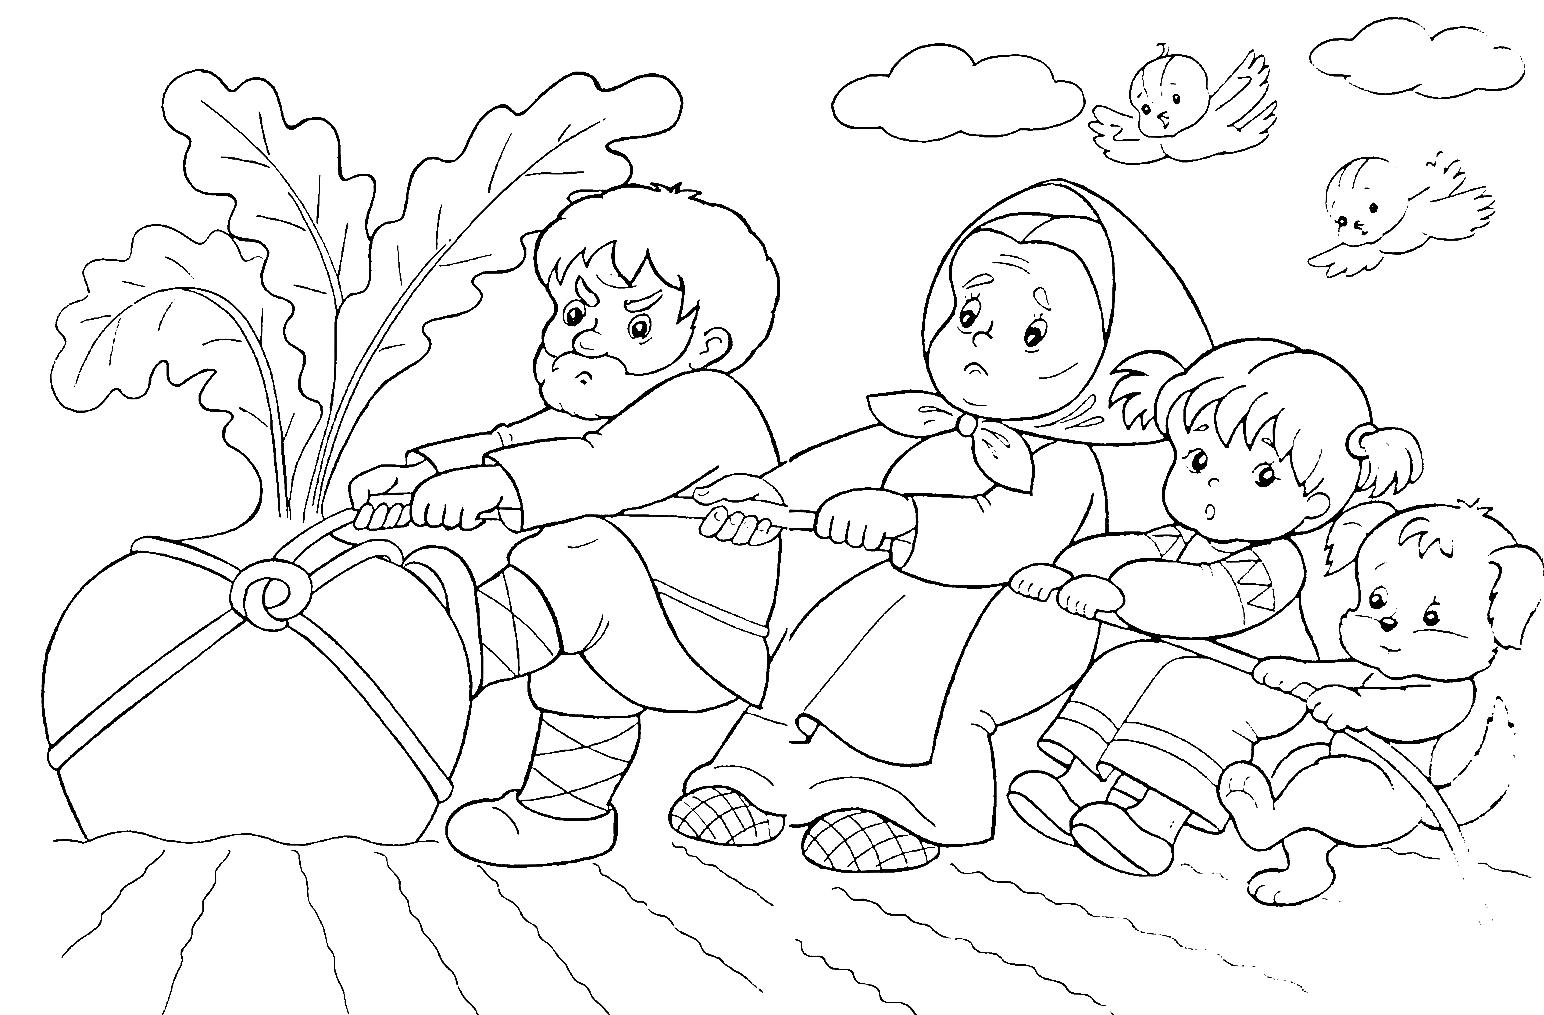 репка картинка раскраска для детей